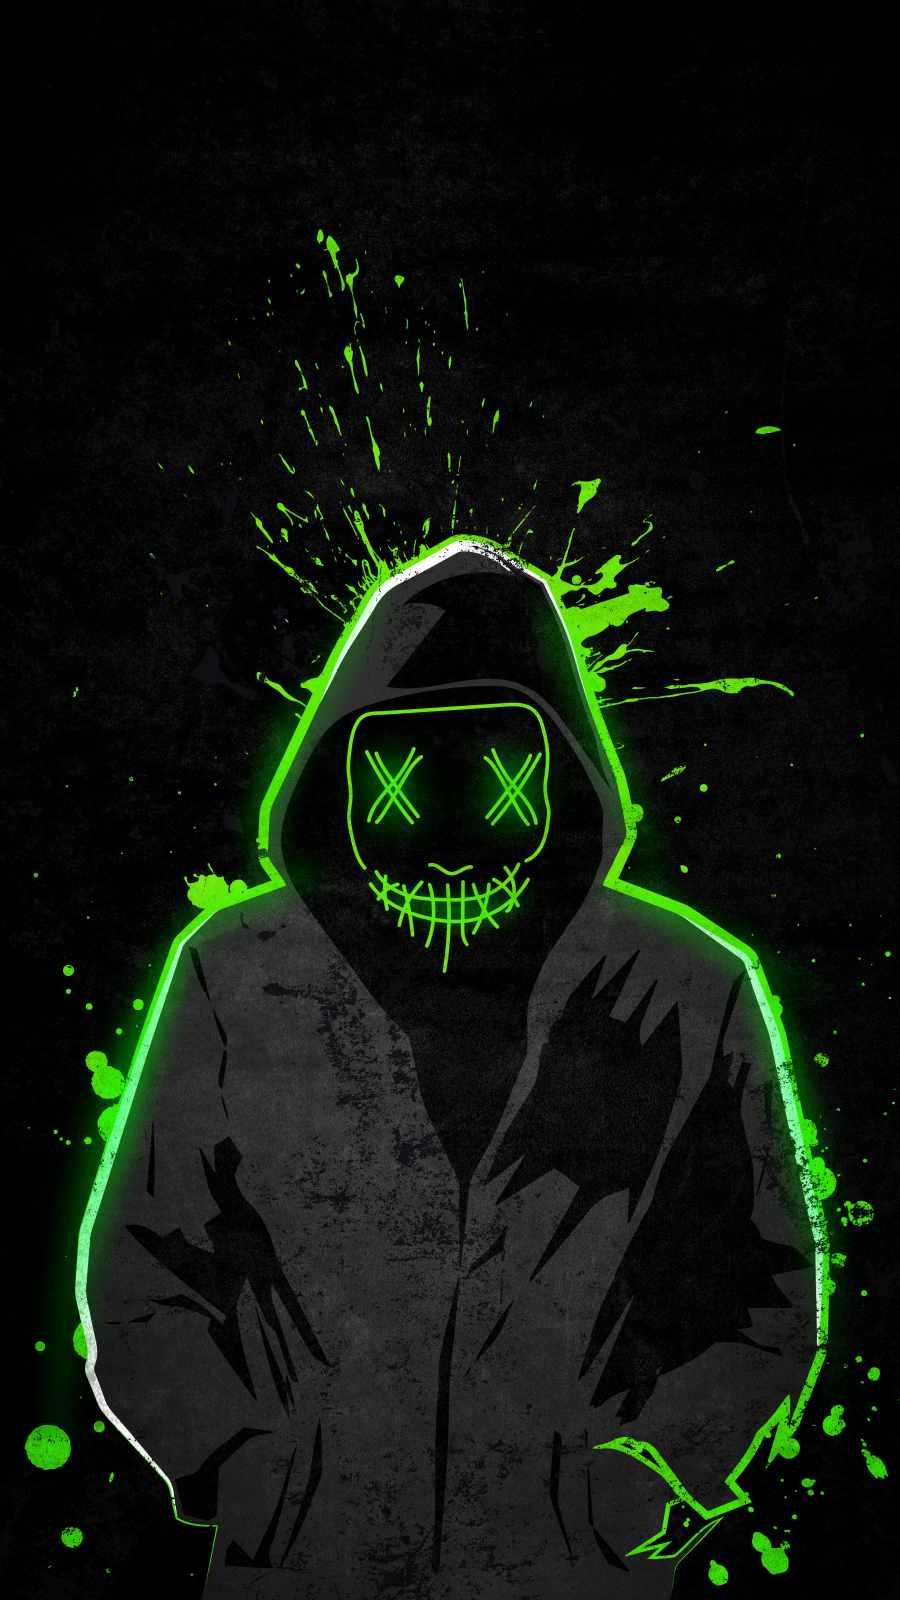 Hoodie Guy Green Neon